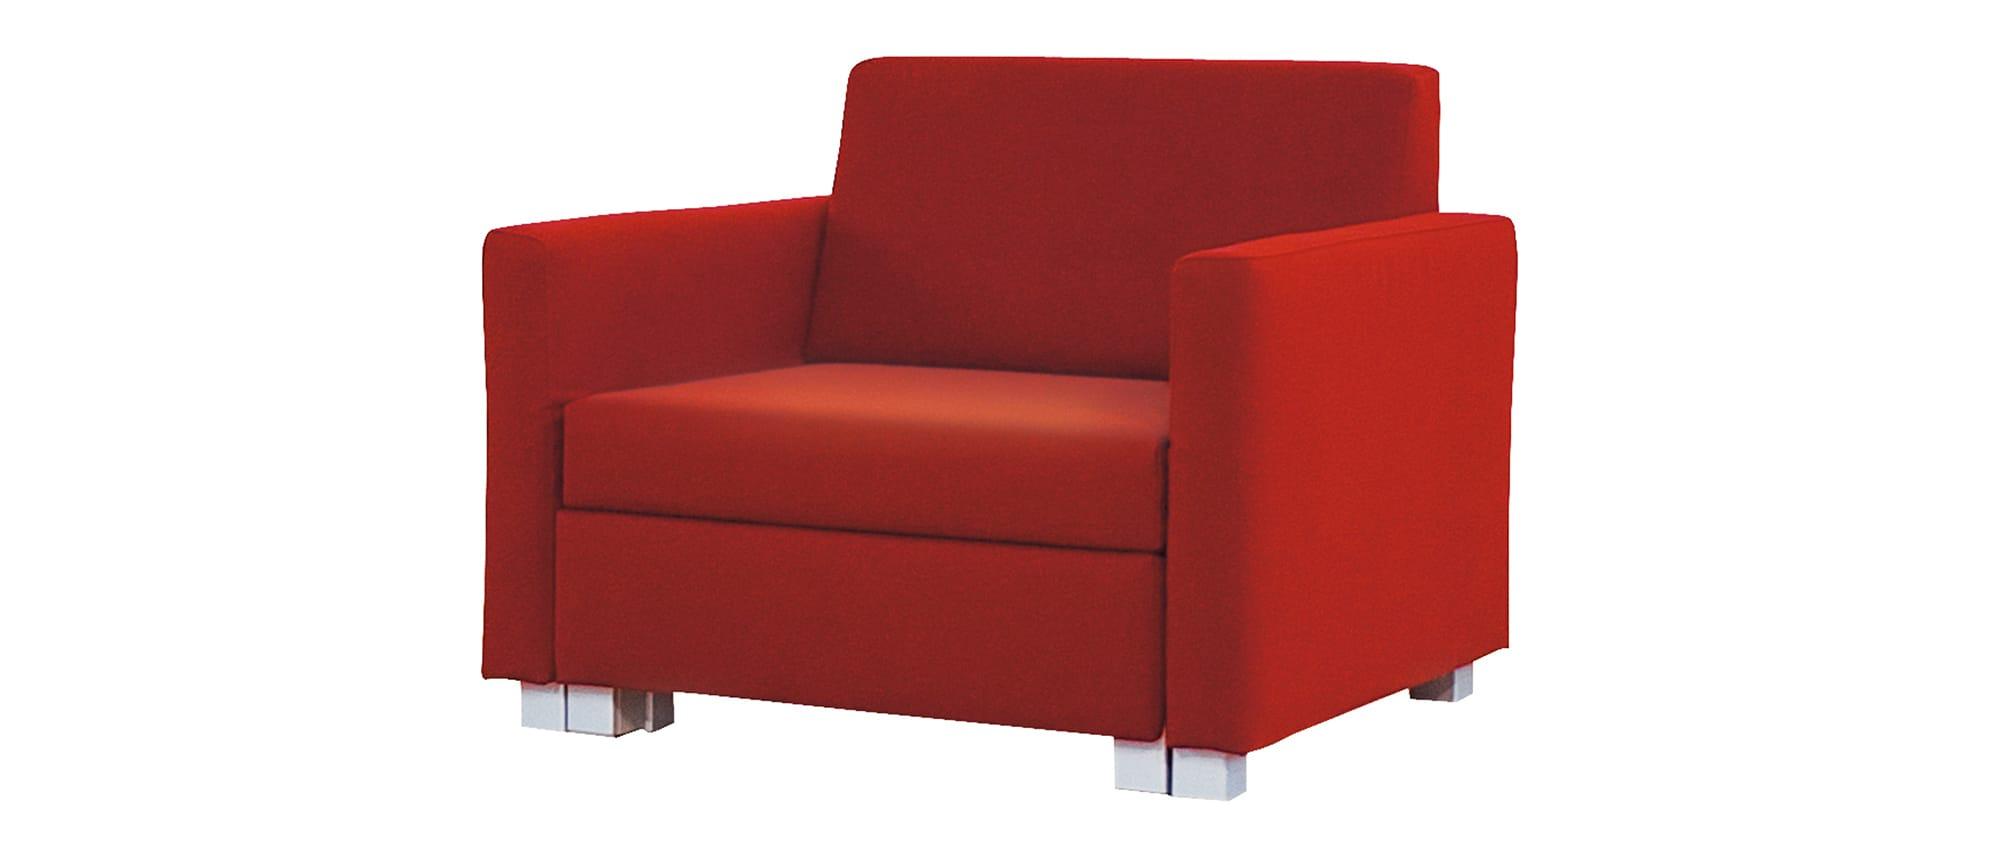 MINNIE Schlafsessel von Franz Fertig in rot. Schlafsessel für eine Person. Sessel mit Bettfunktion.